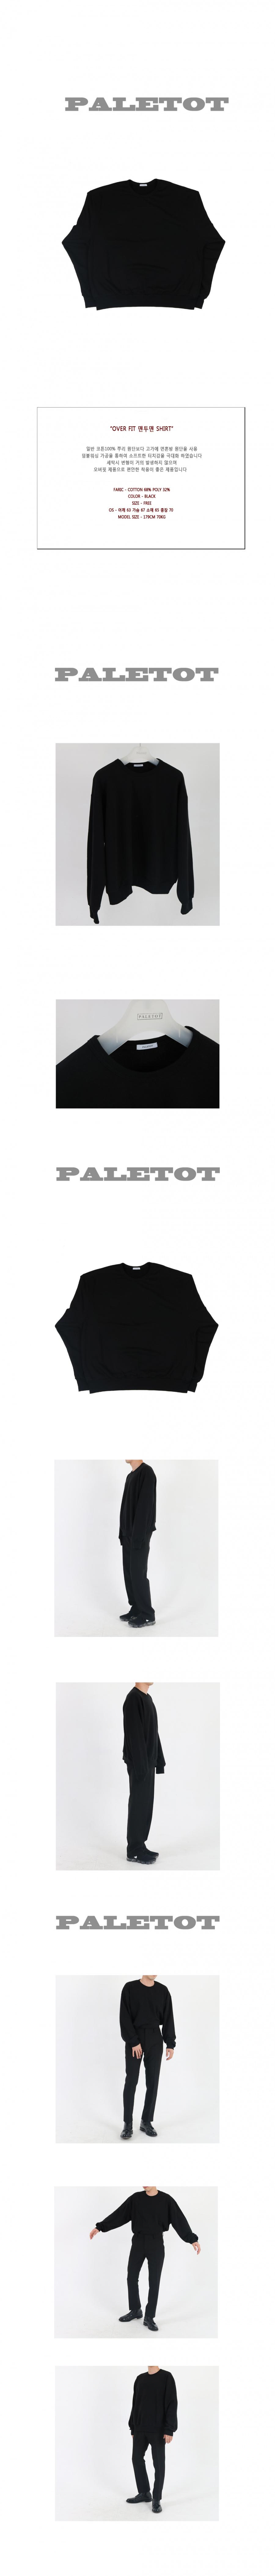 펠토(PALETOT) over-fit 맨투맨 shirt[검정]